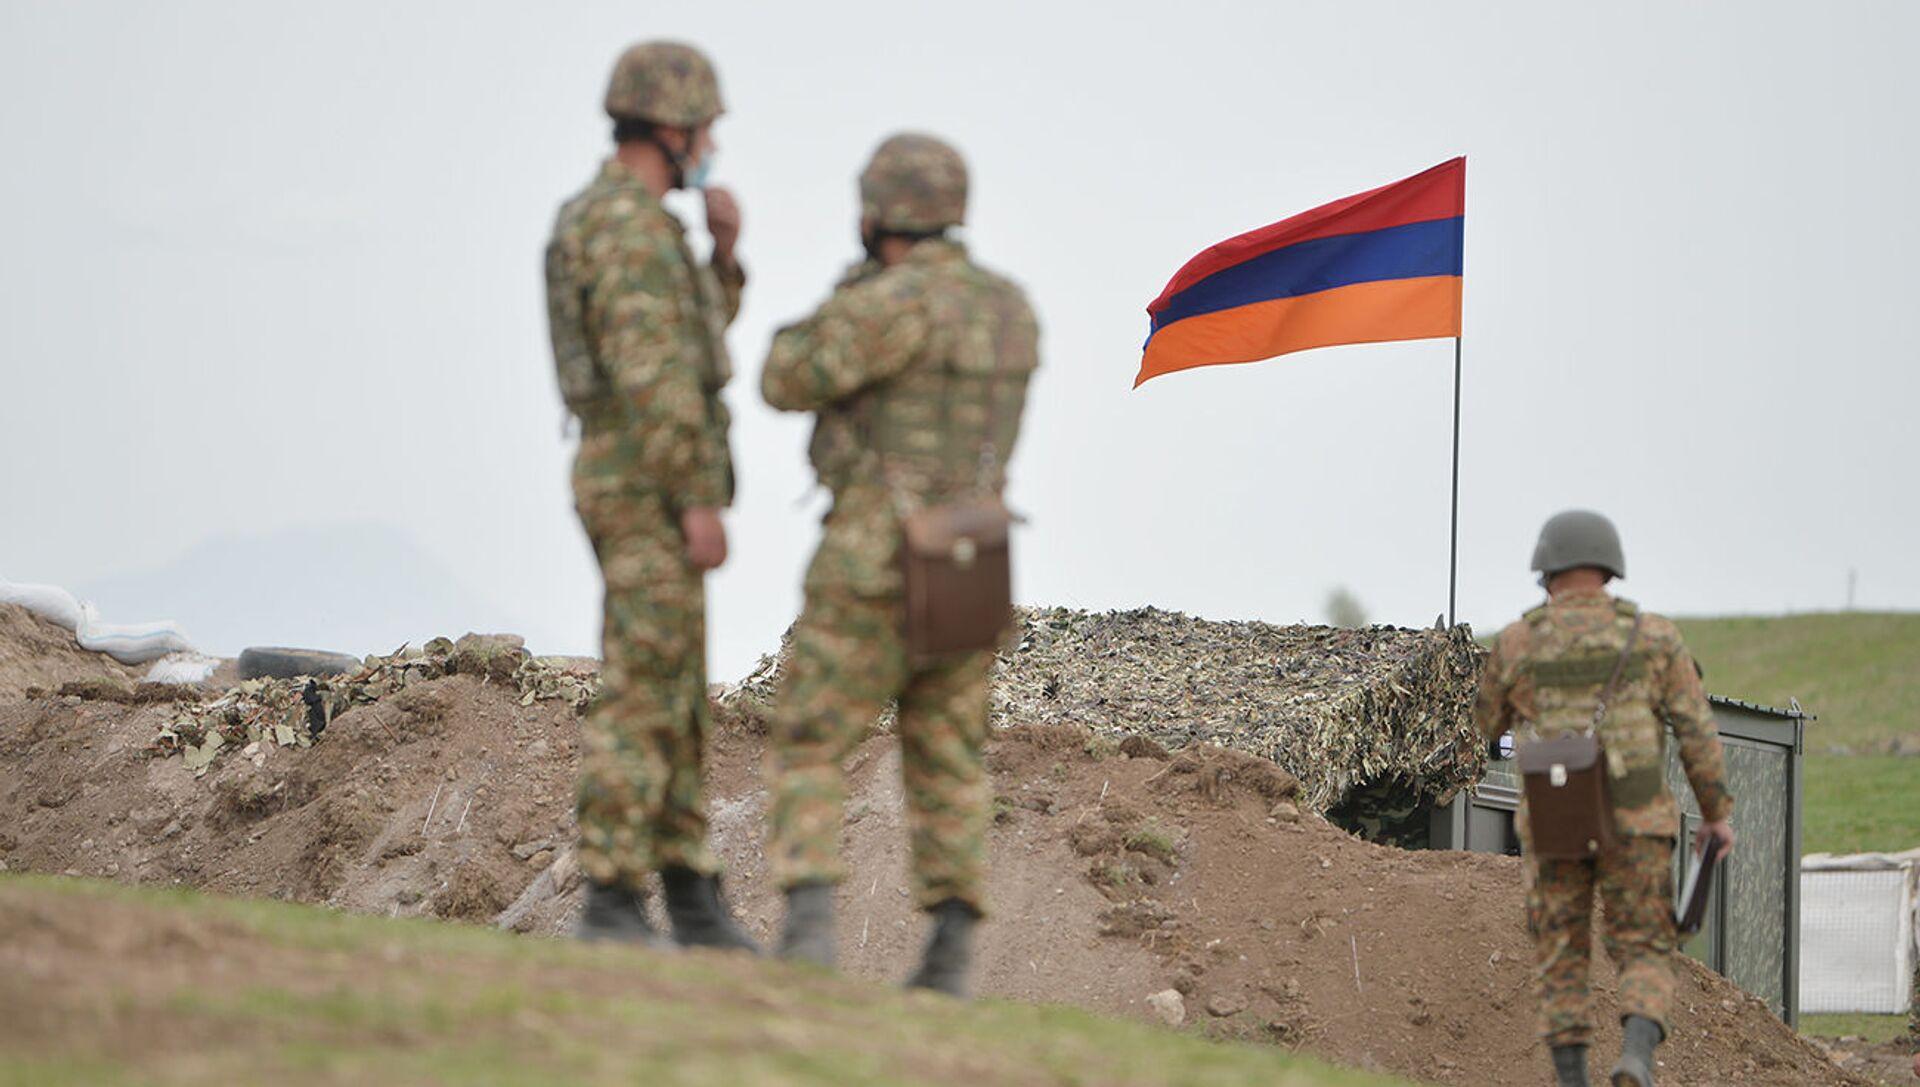 Армянские военнослужащие на армянсо-азербайджанской границе - Sputnik Արմենիա, 1920, 25.07.2021